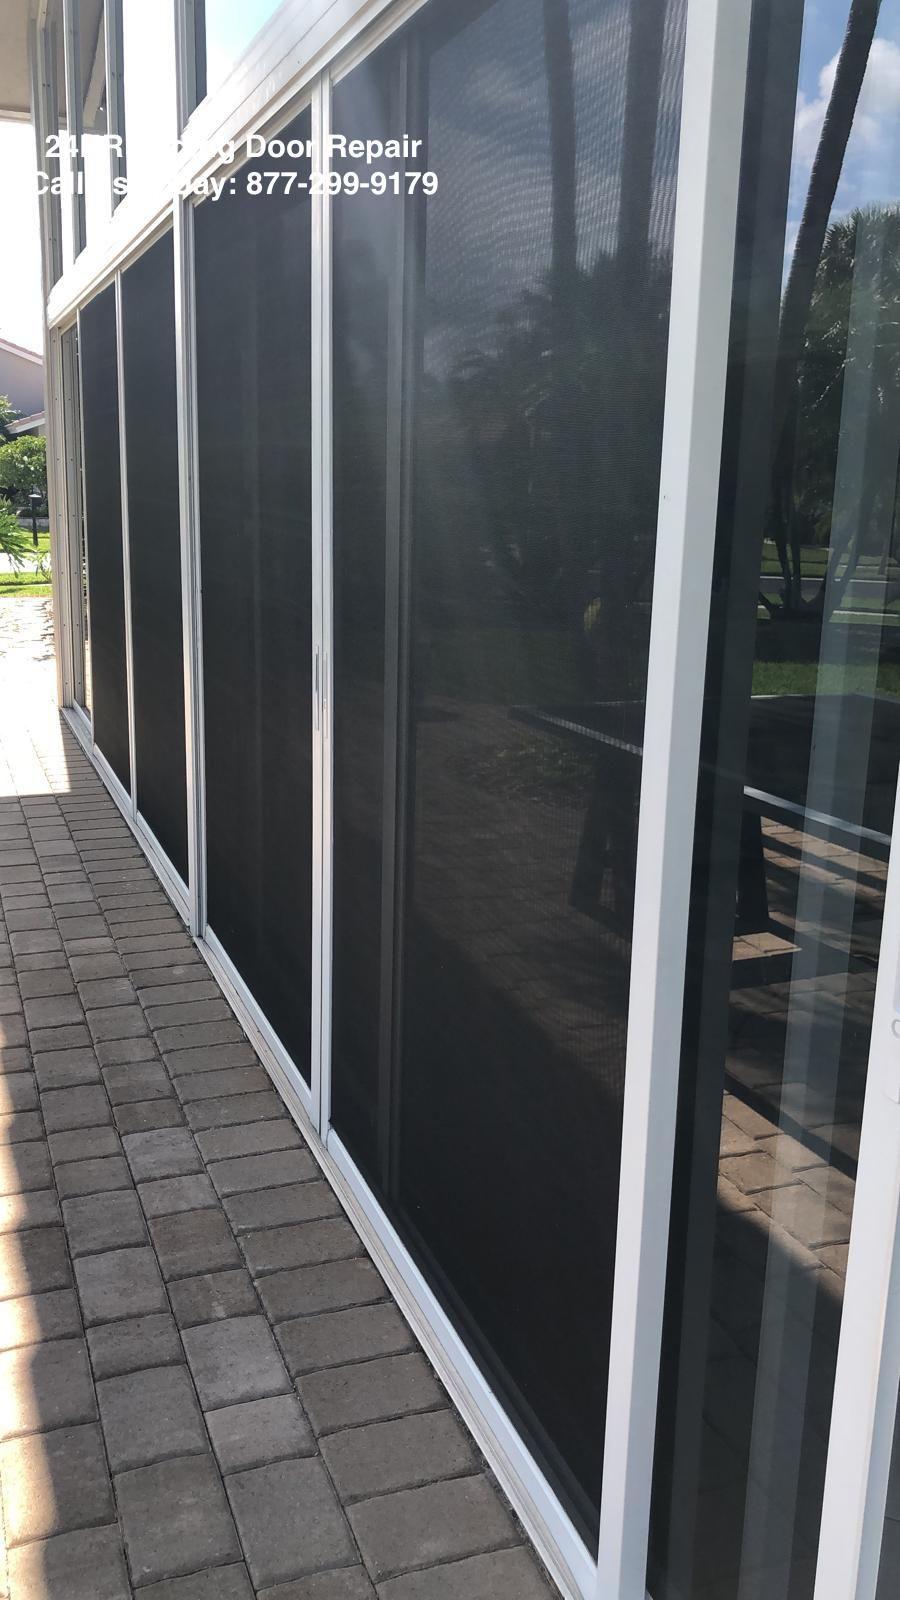 Sliding Door Repair In 2020 Glass Door Repair Sliding Glass Door Sliding Glass Door Repair